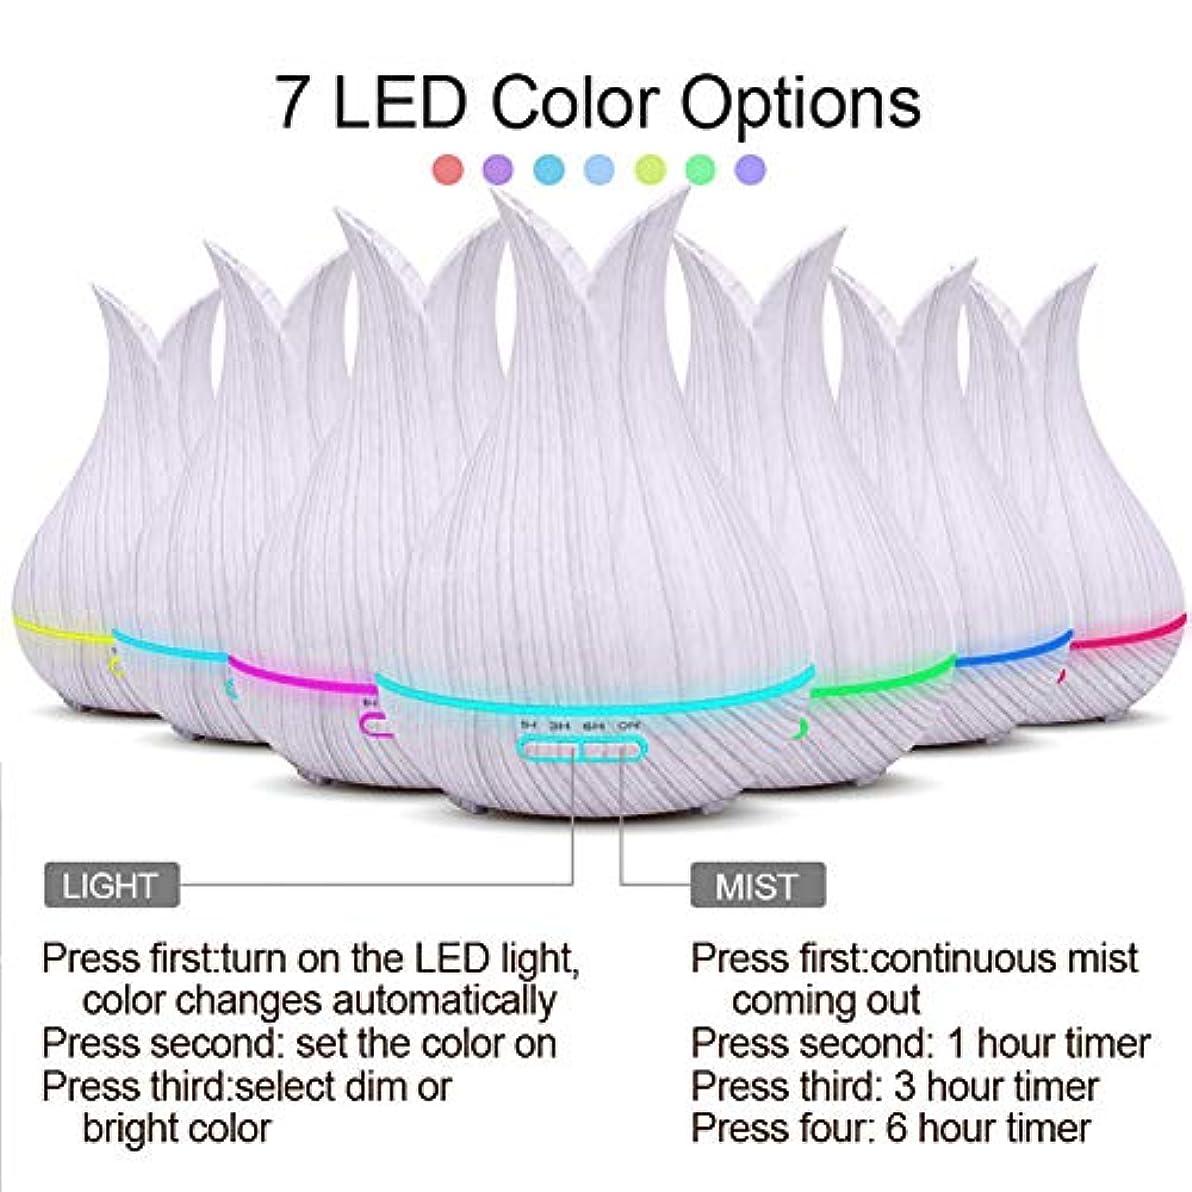 絶妙隔離先エッセンシャルオイルディフューザーと加湿器、ミストエッセンシャルオイルアロマ加湿器のための超音波アロマセラピーディフューザー、400ミリリットル水タンク7色LEDライト,White